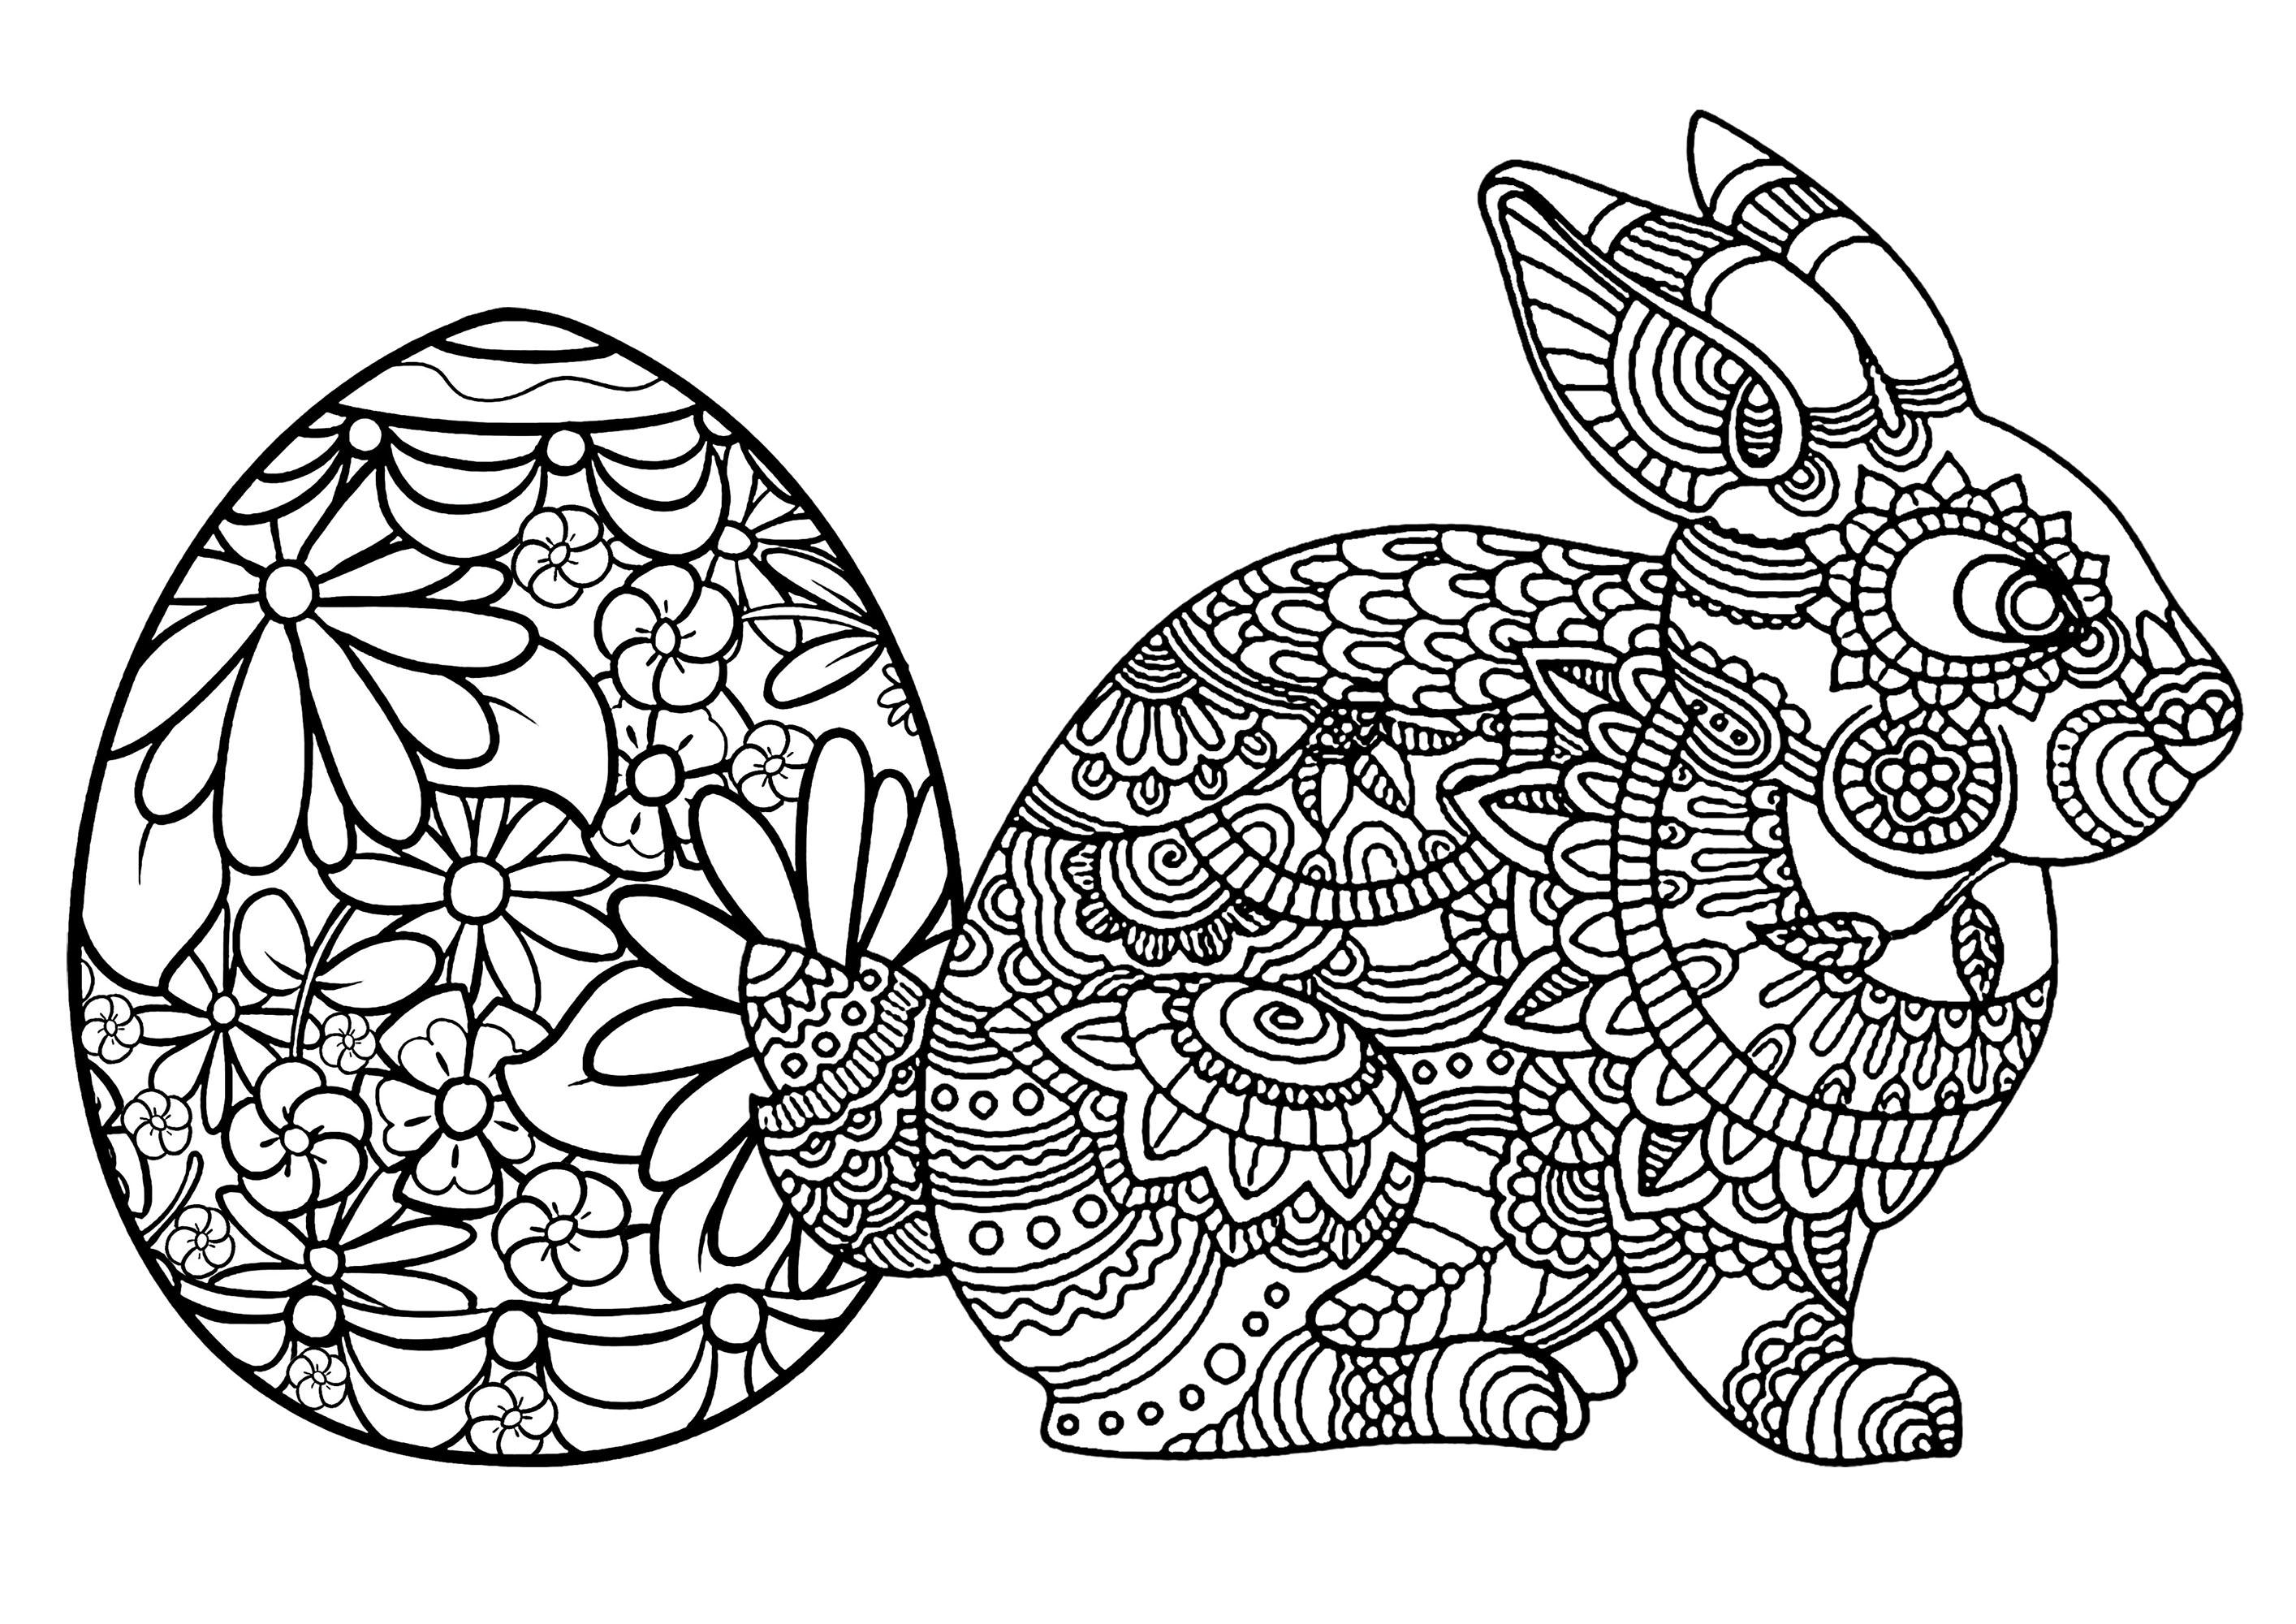 Disegni da colorare per adulti : Pasqua - 5